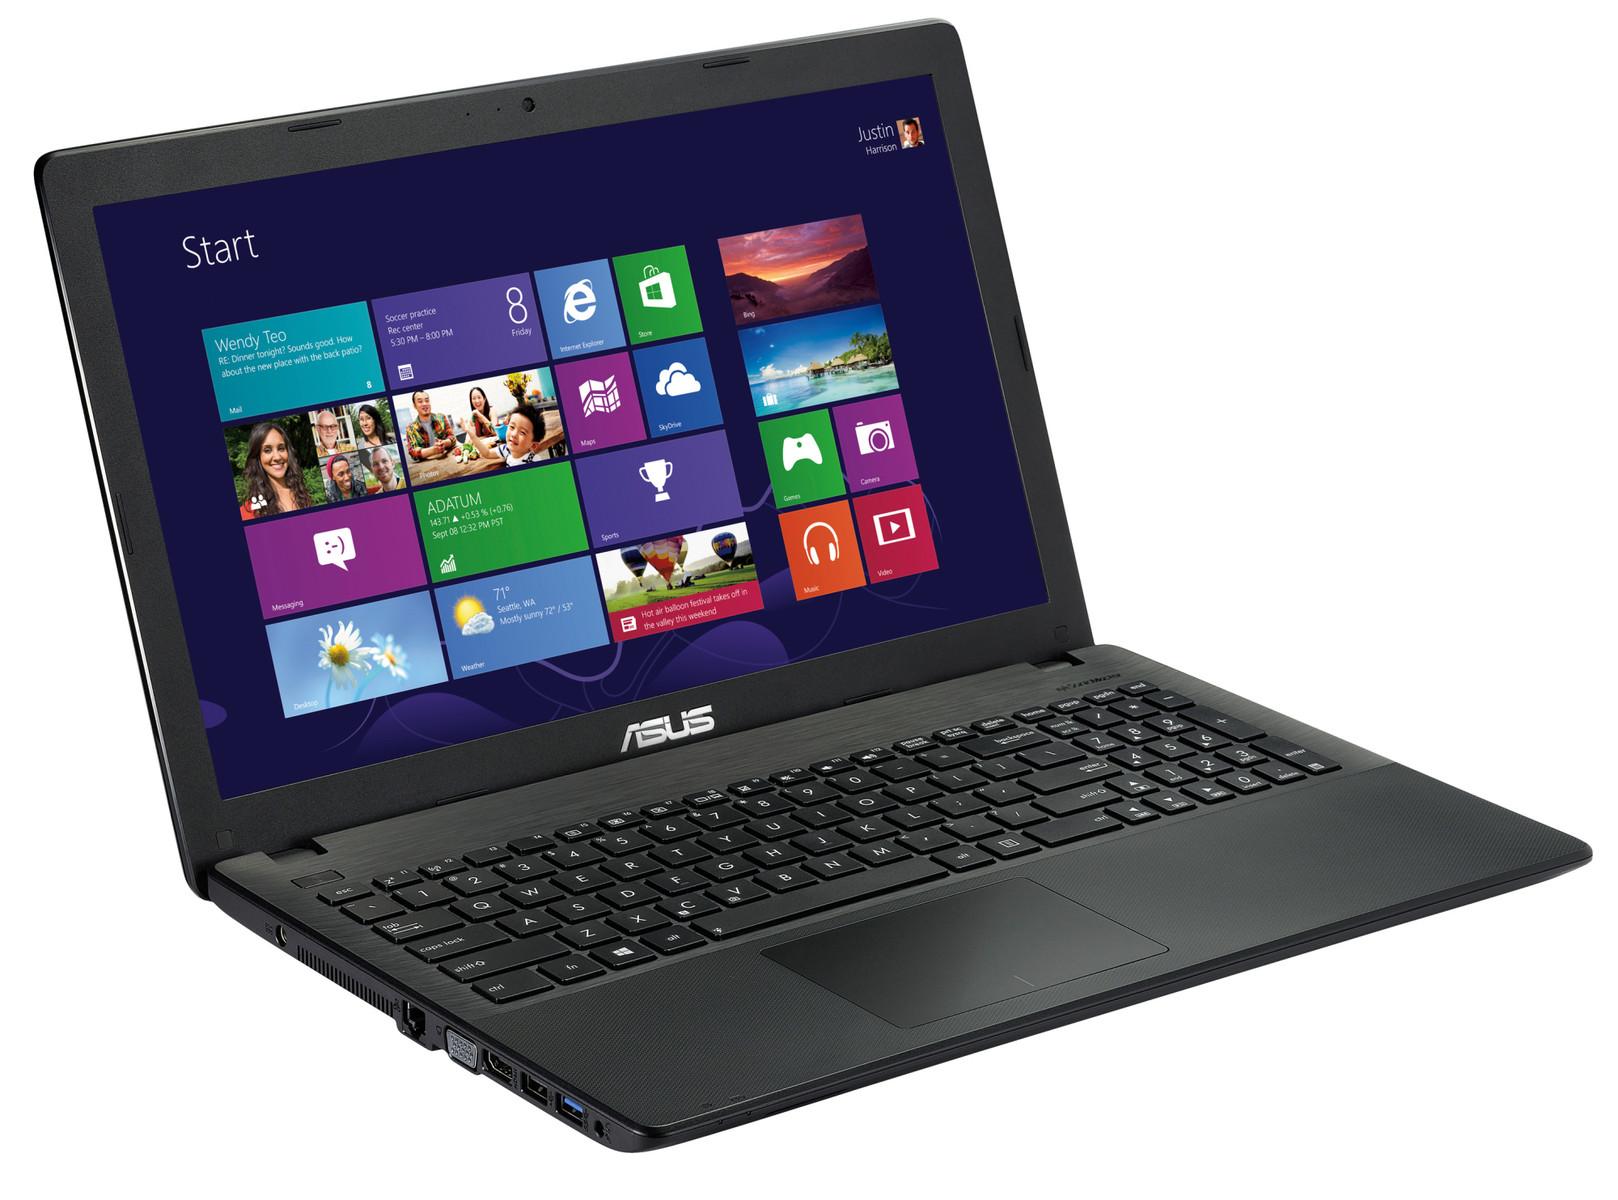 Kết quả hình ảnh cho laptop Asus F551,